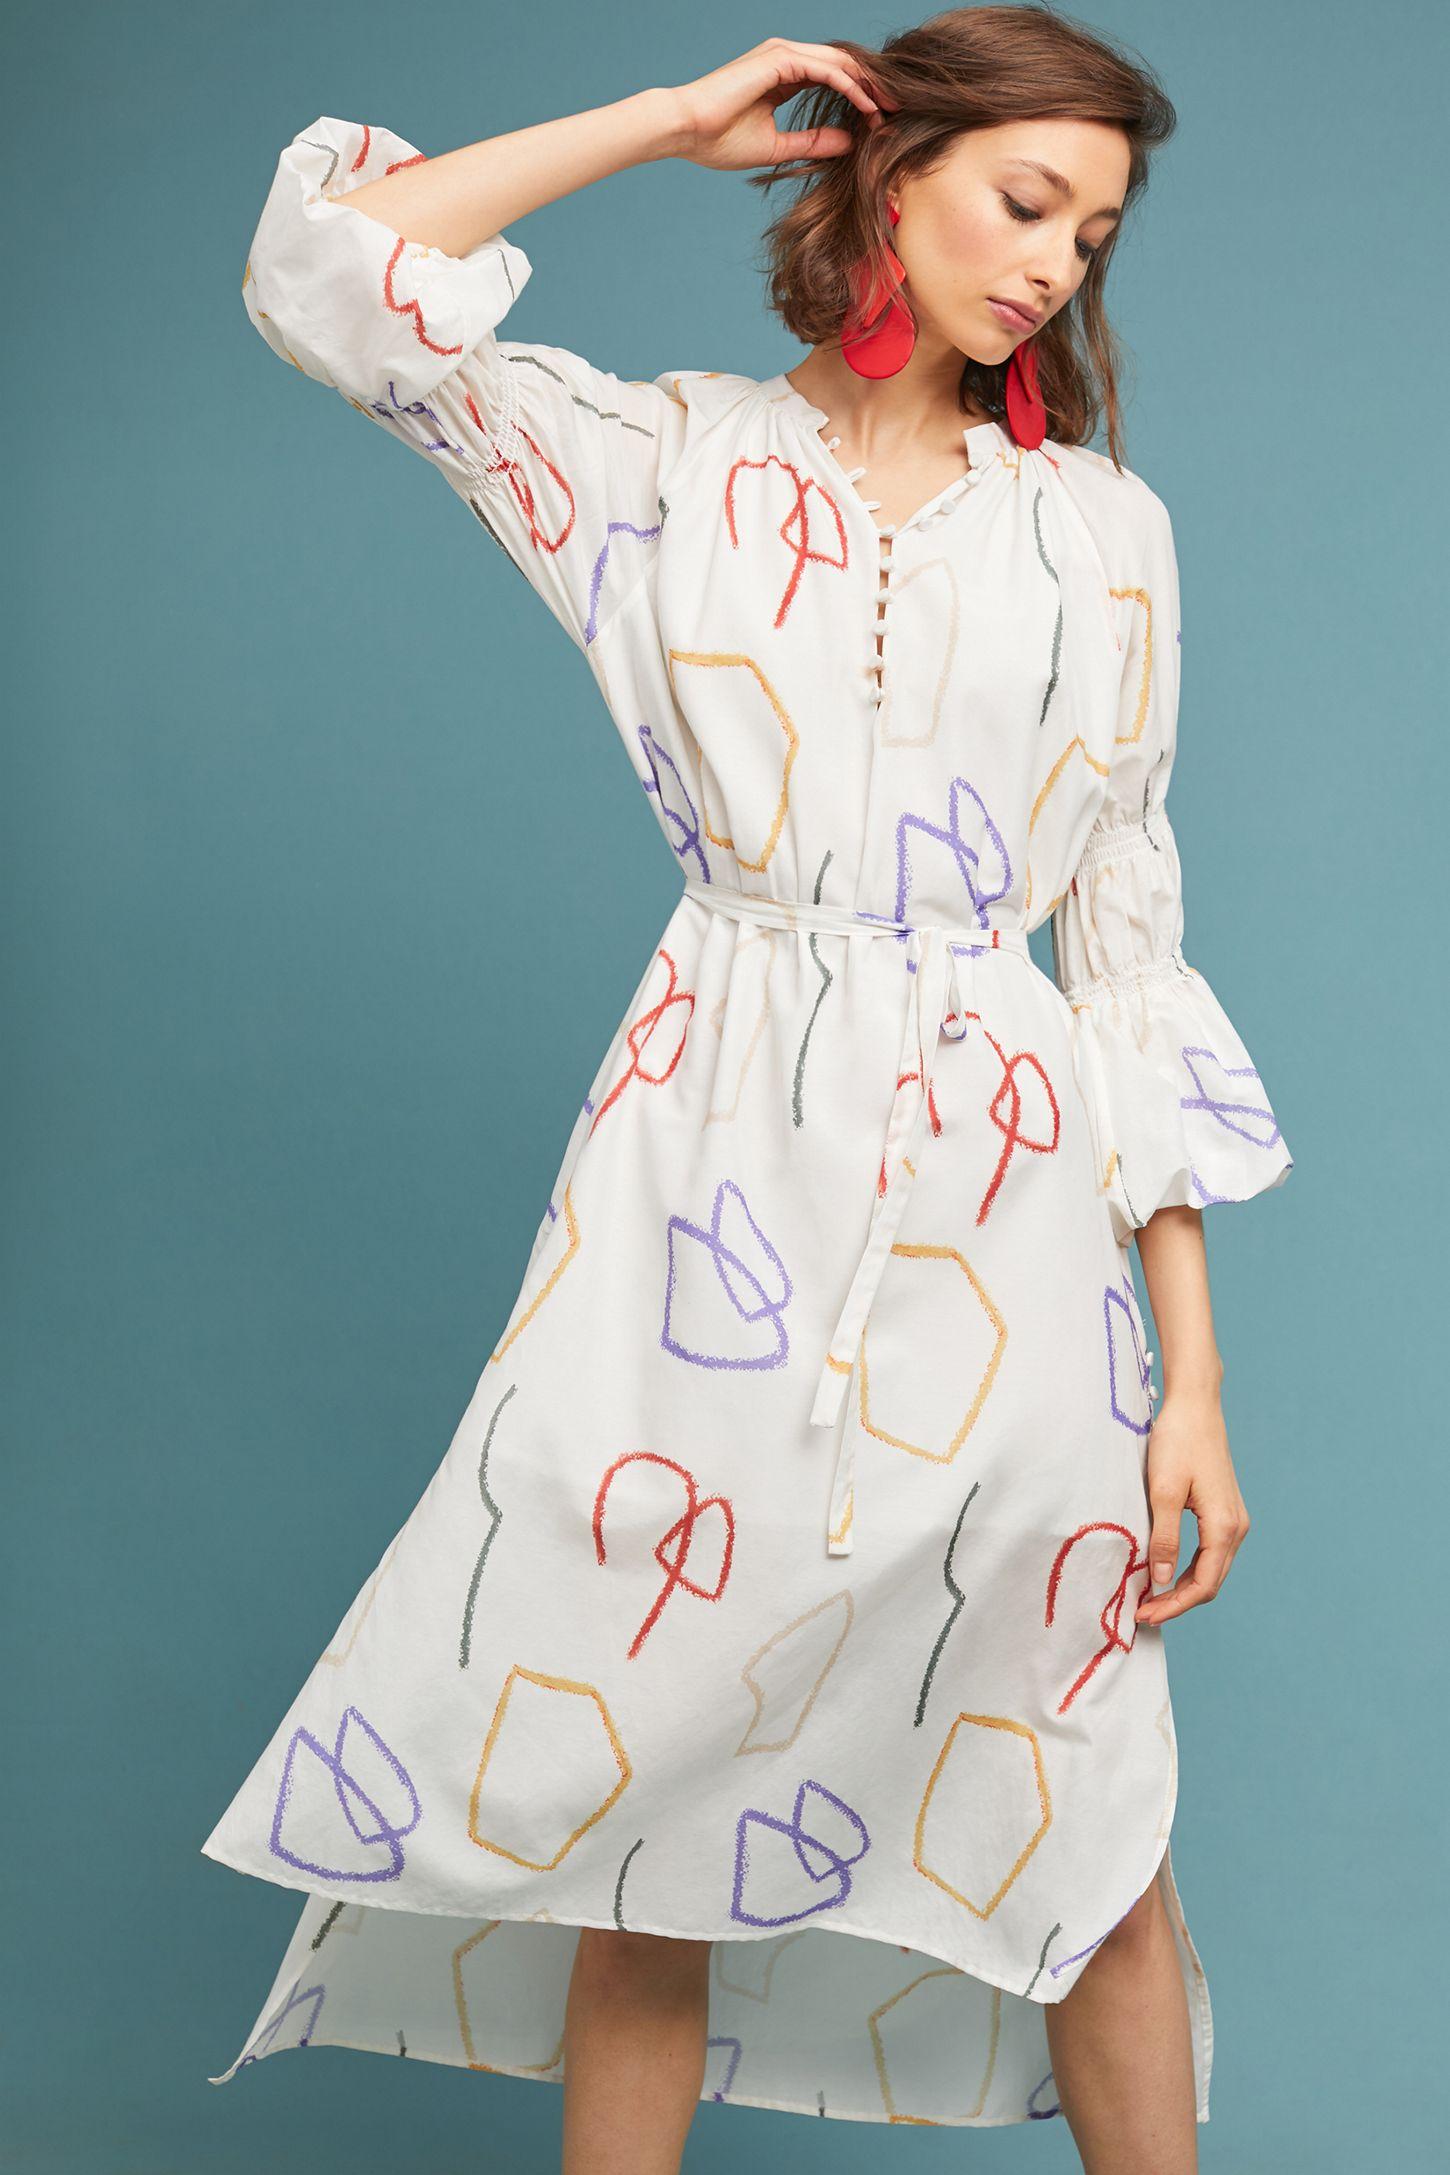 299652a0472 Graphic Art Dress